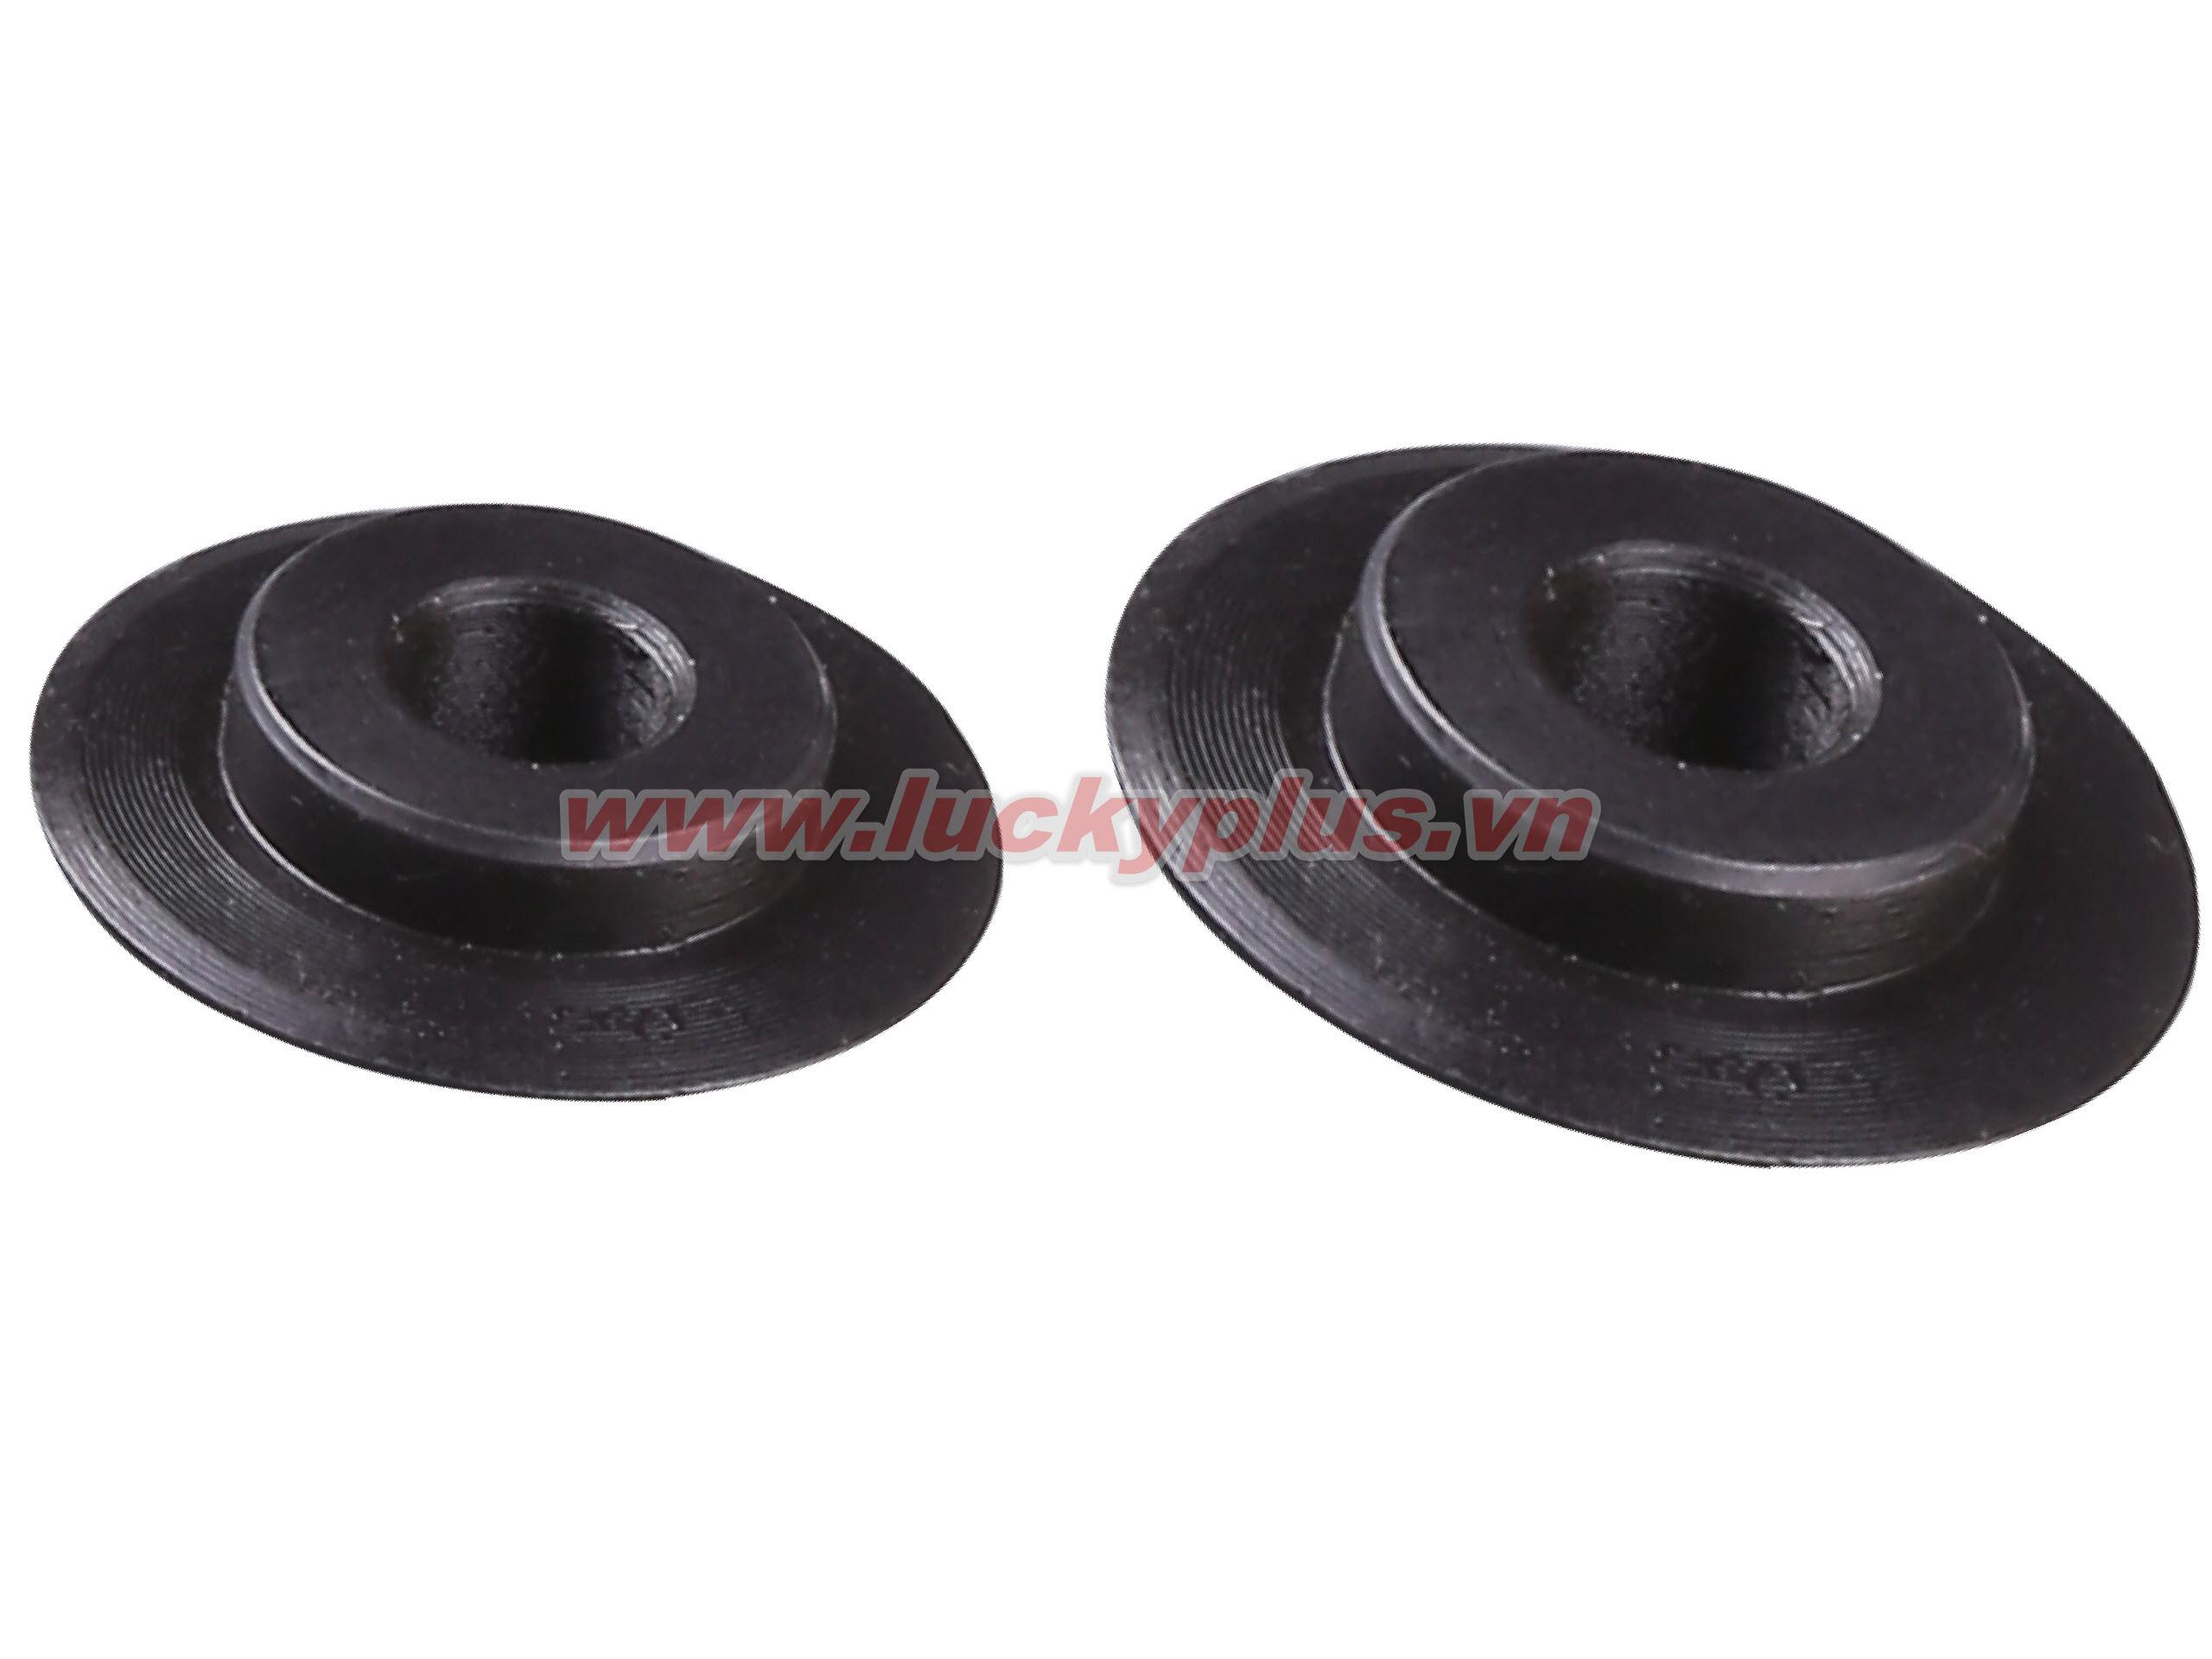 Lưỡi cắt FiveSheep FJ-801L(3) 3x18mm, FJ-801L(4) 4x18mm, FJ-801L(6) 6x18mm